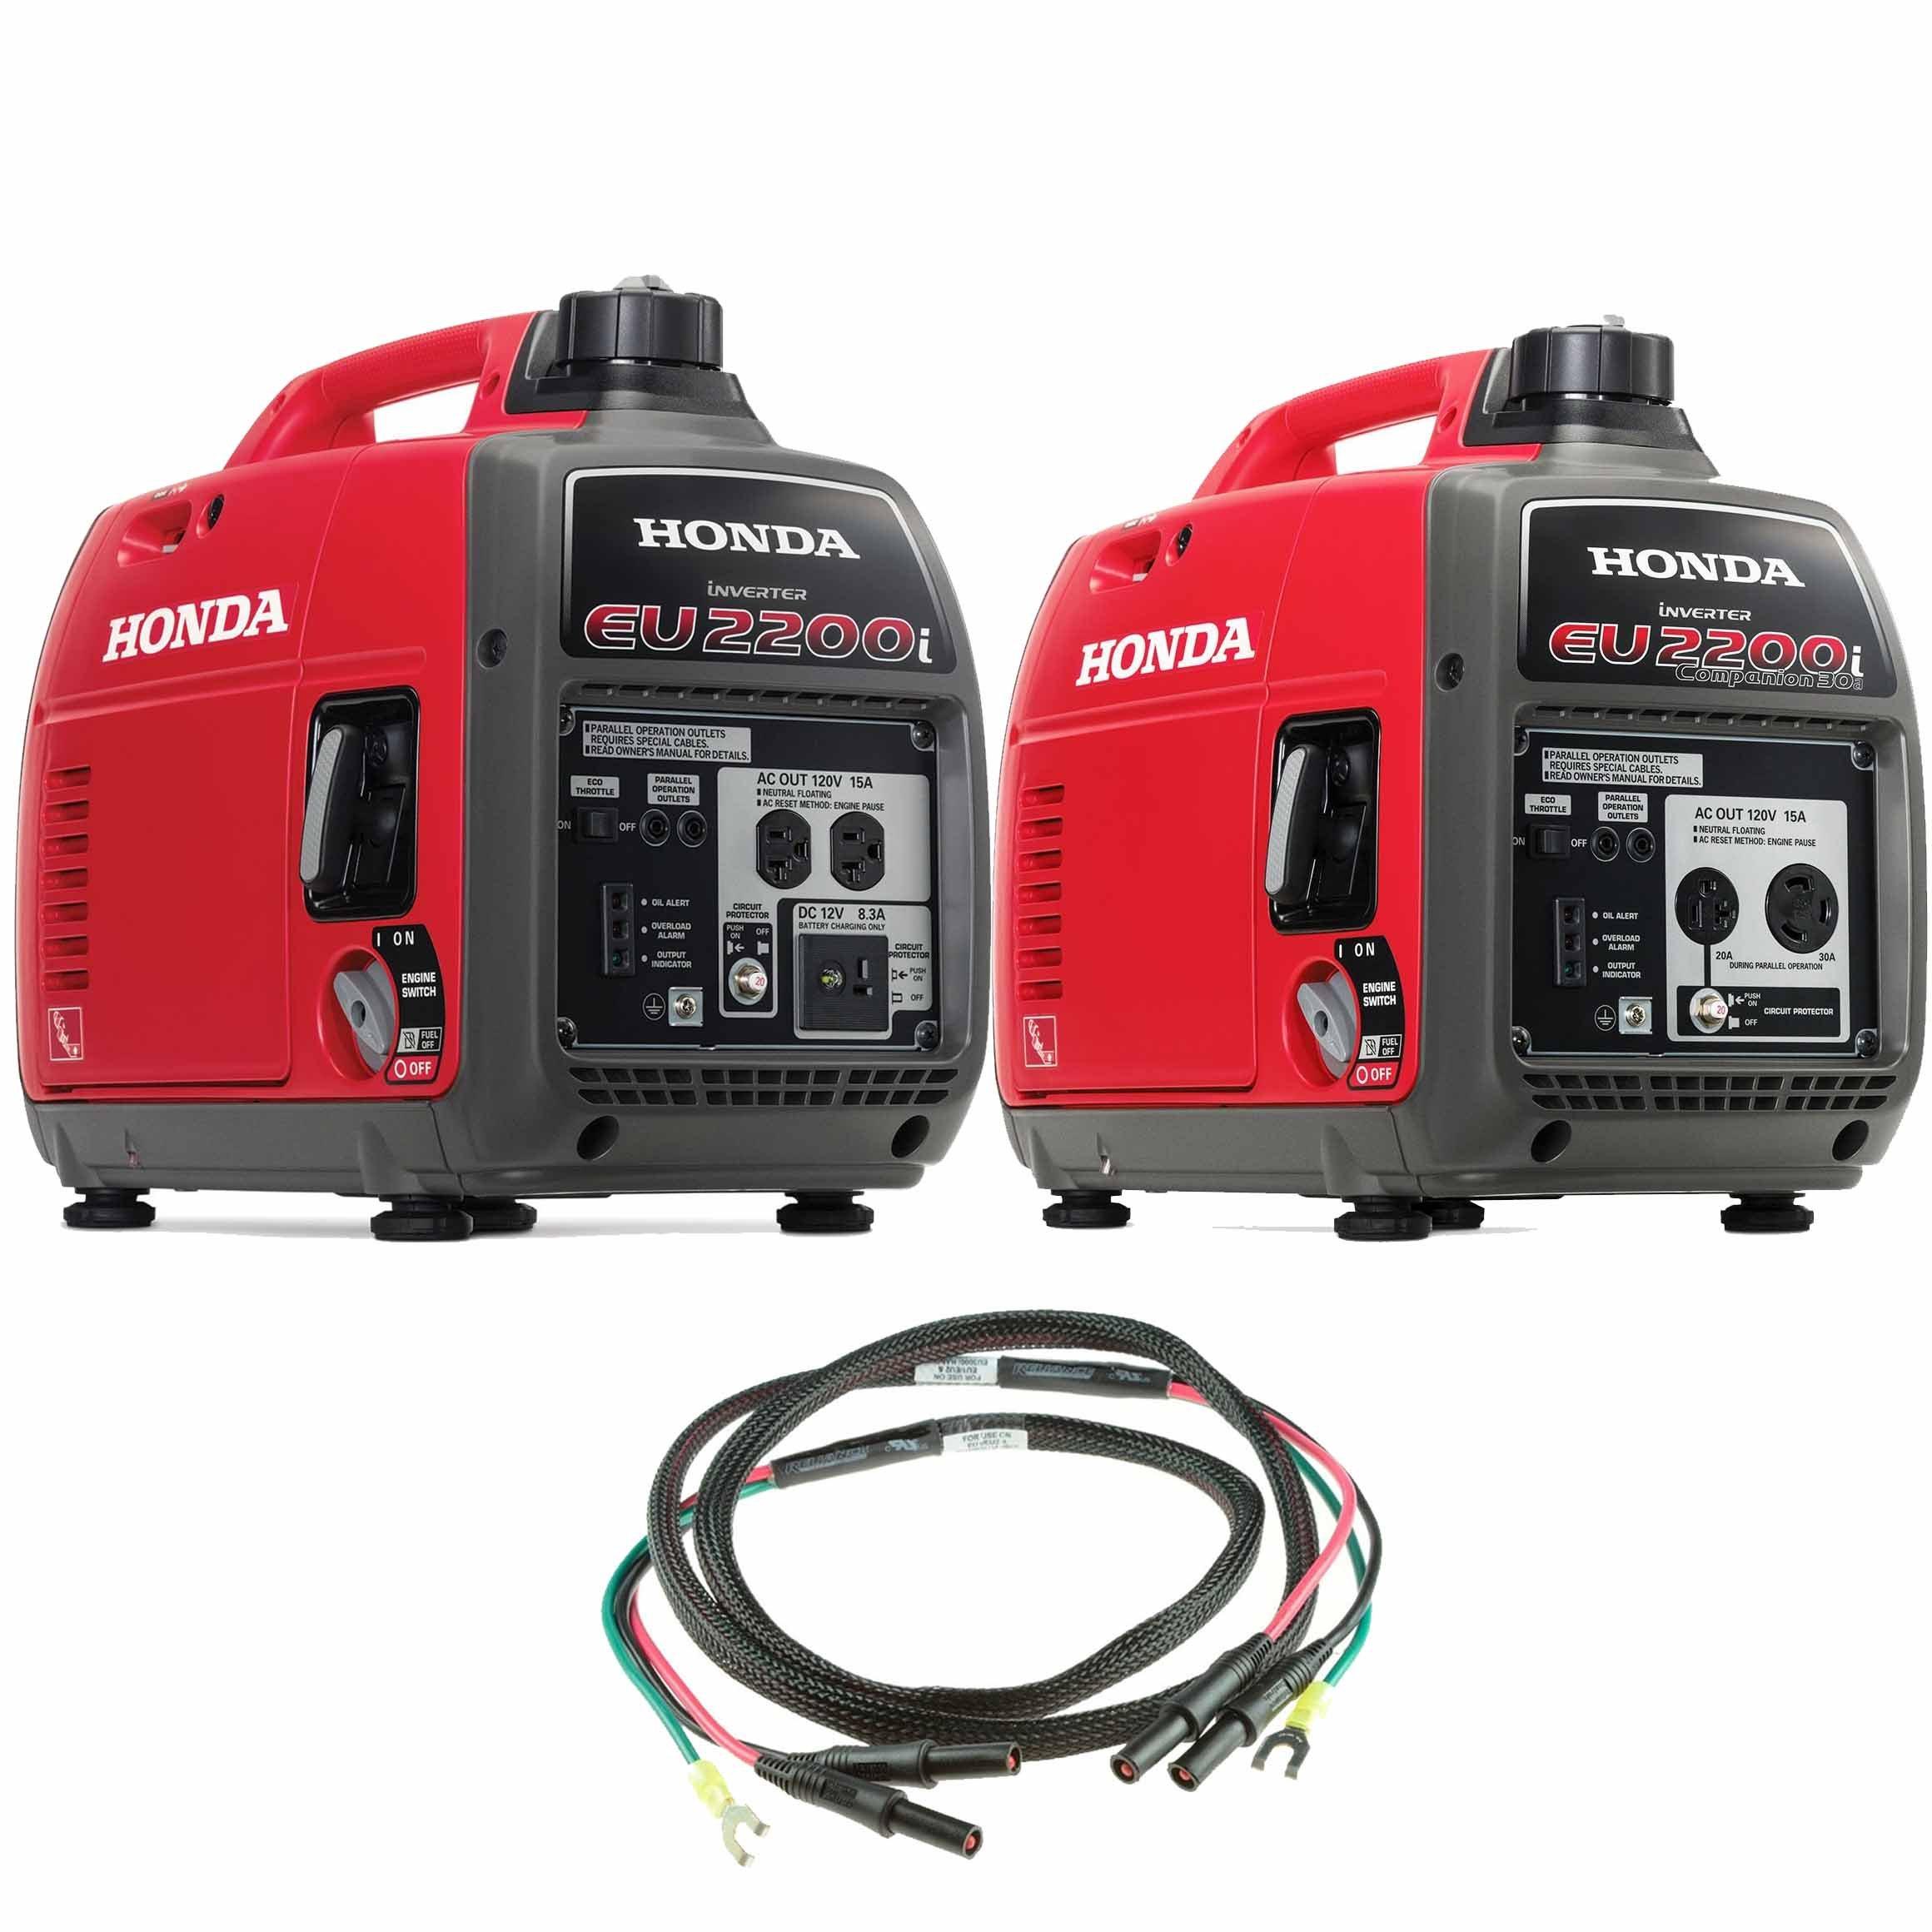 Honda 2200 Watt 120 Volt Generators Generator